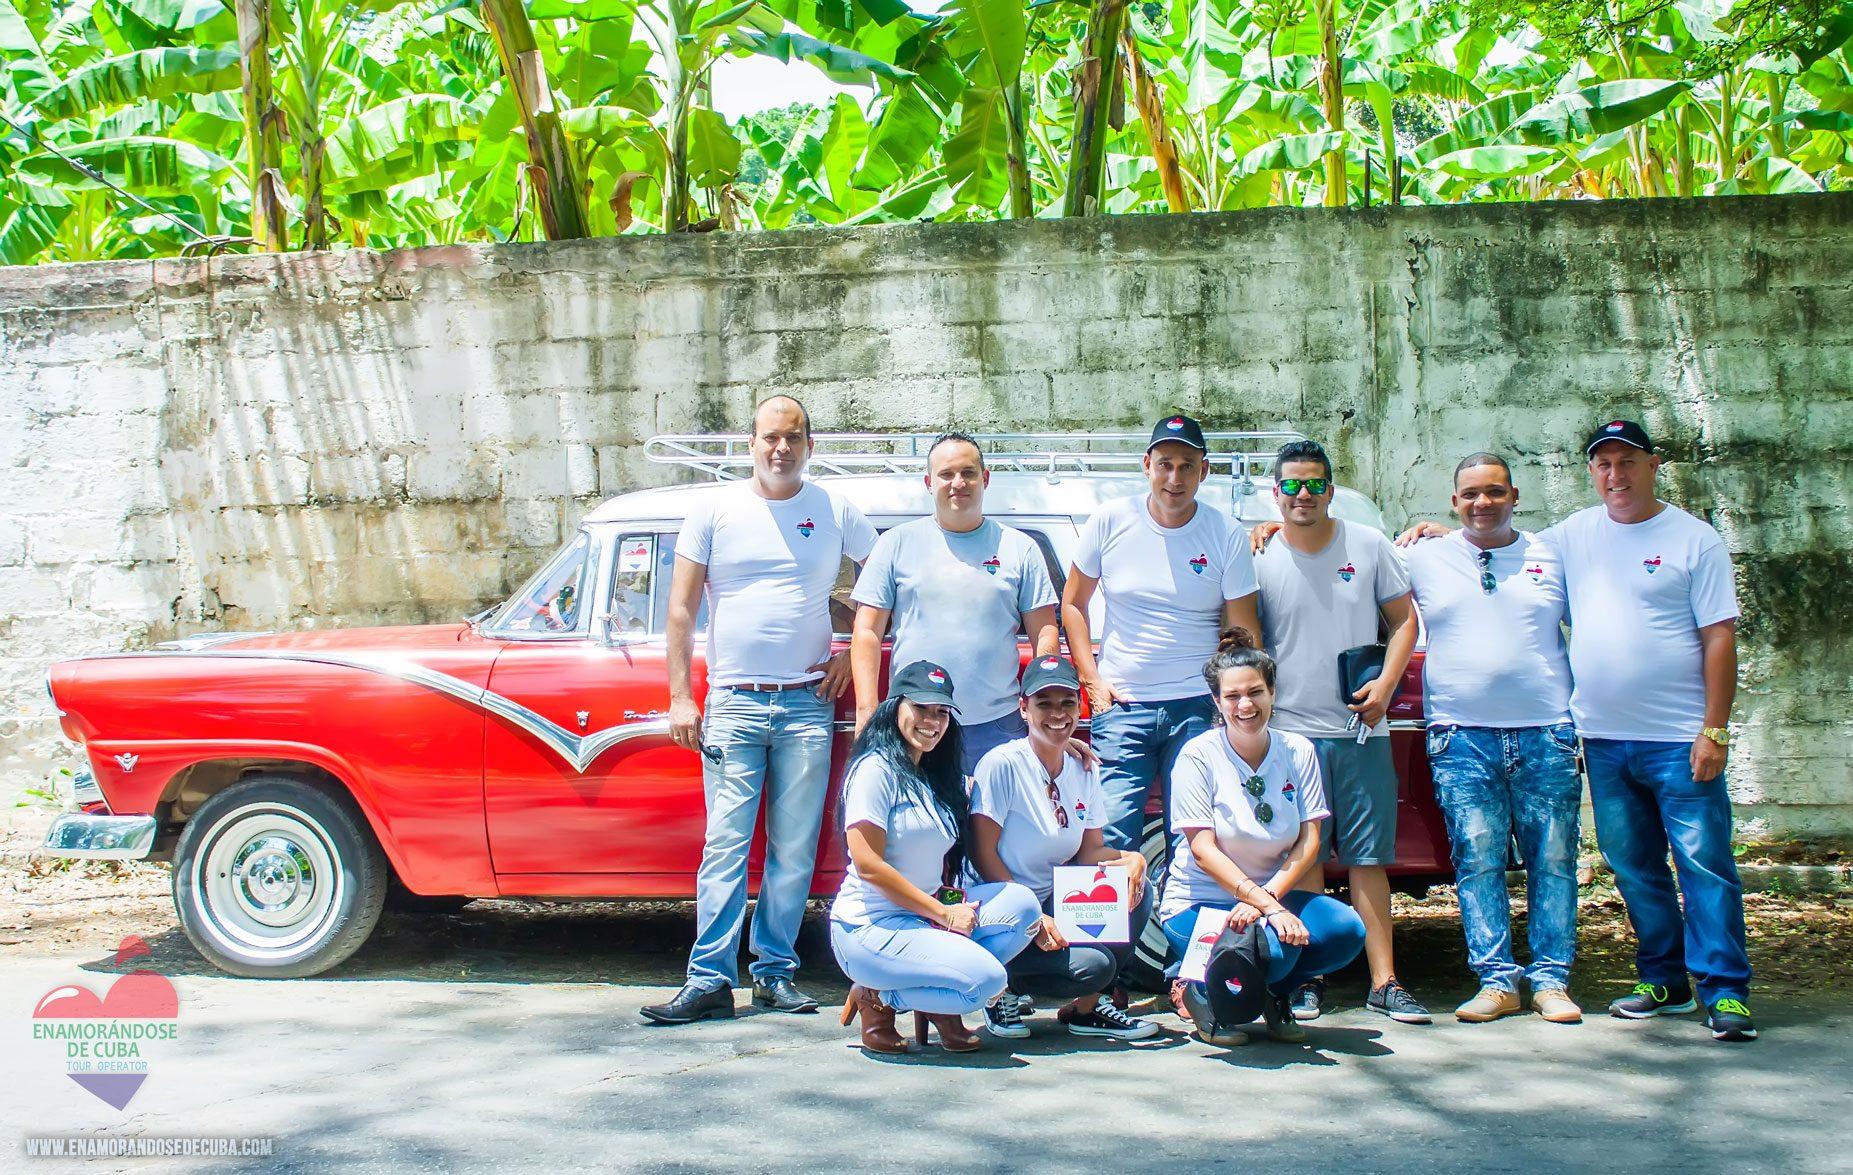 Nuestro equipo de Enamorándose de Cuba